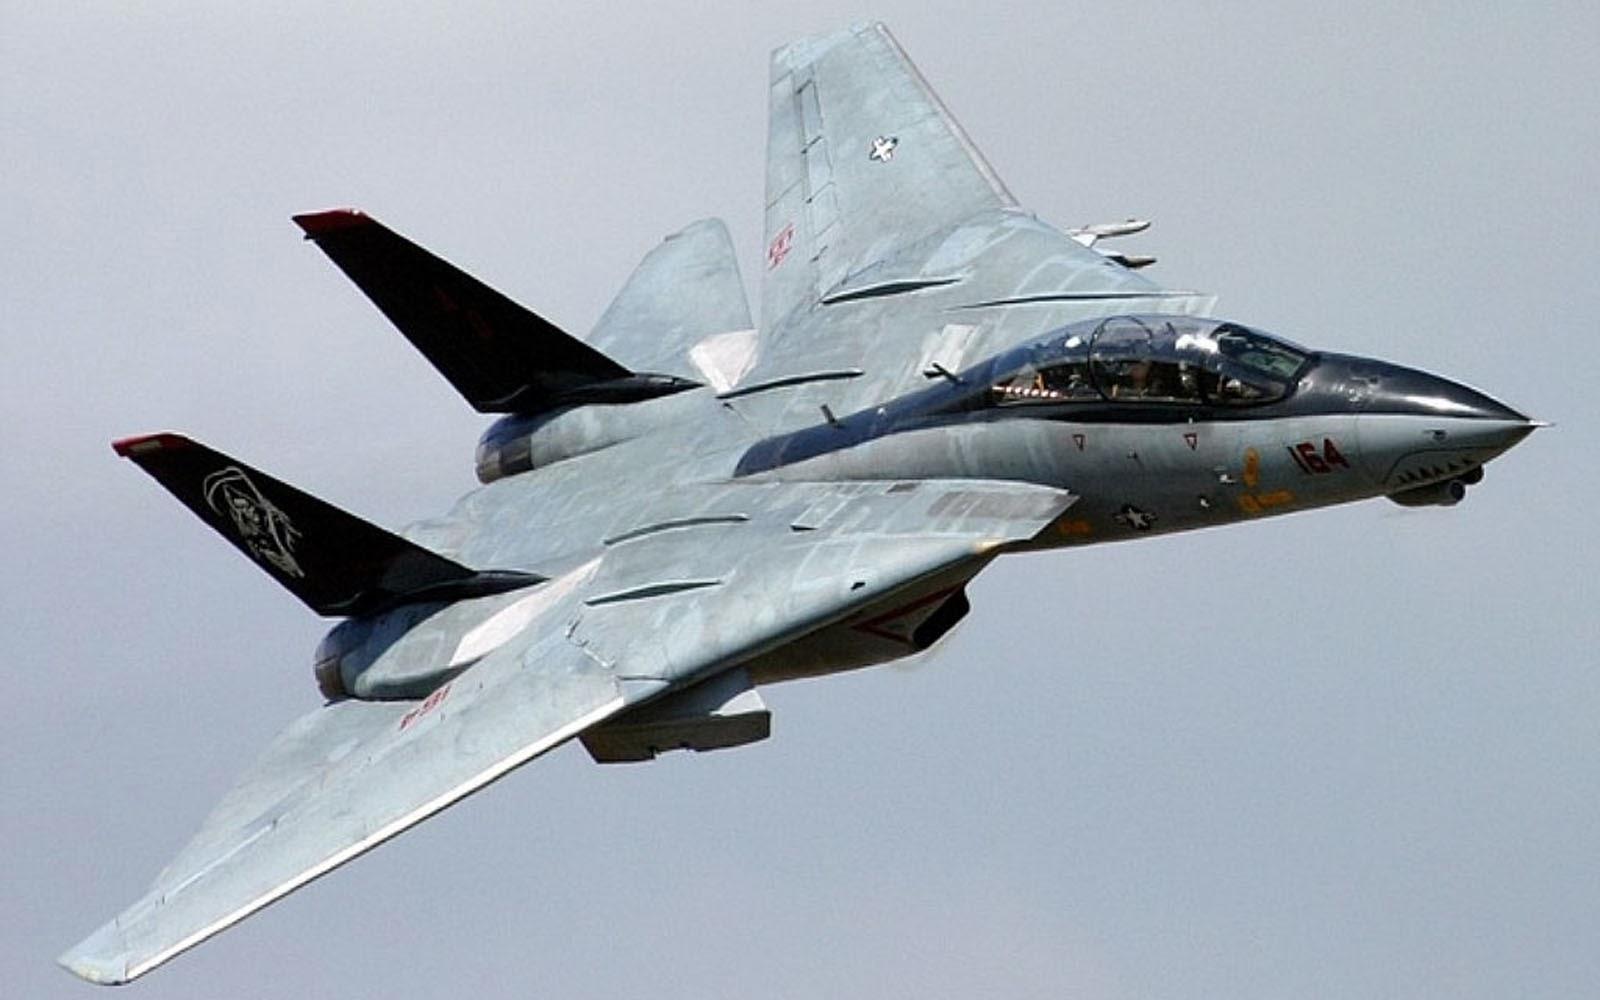 art pictures: Grumman F-14 Tomcat Wallpapers